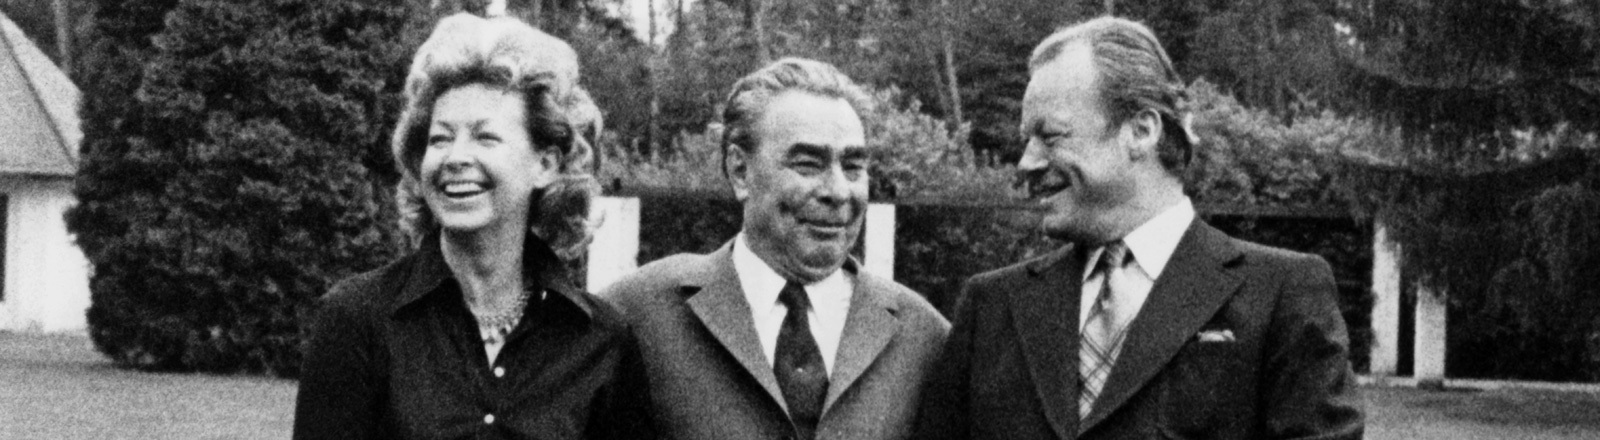 Der Generalsekretär der KPdSU, Leonid Breschnew, verbringt den Nachmittag und Abend des 20.05.1973 als Gast von Bundeskanzler Willy Brandt und dessen Gattin Rut in der Kanzlervilla in Bonn. Sie stehen nebeneinander im Garten.n.